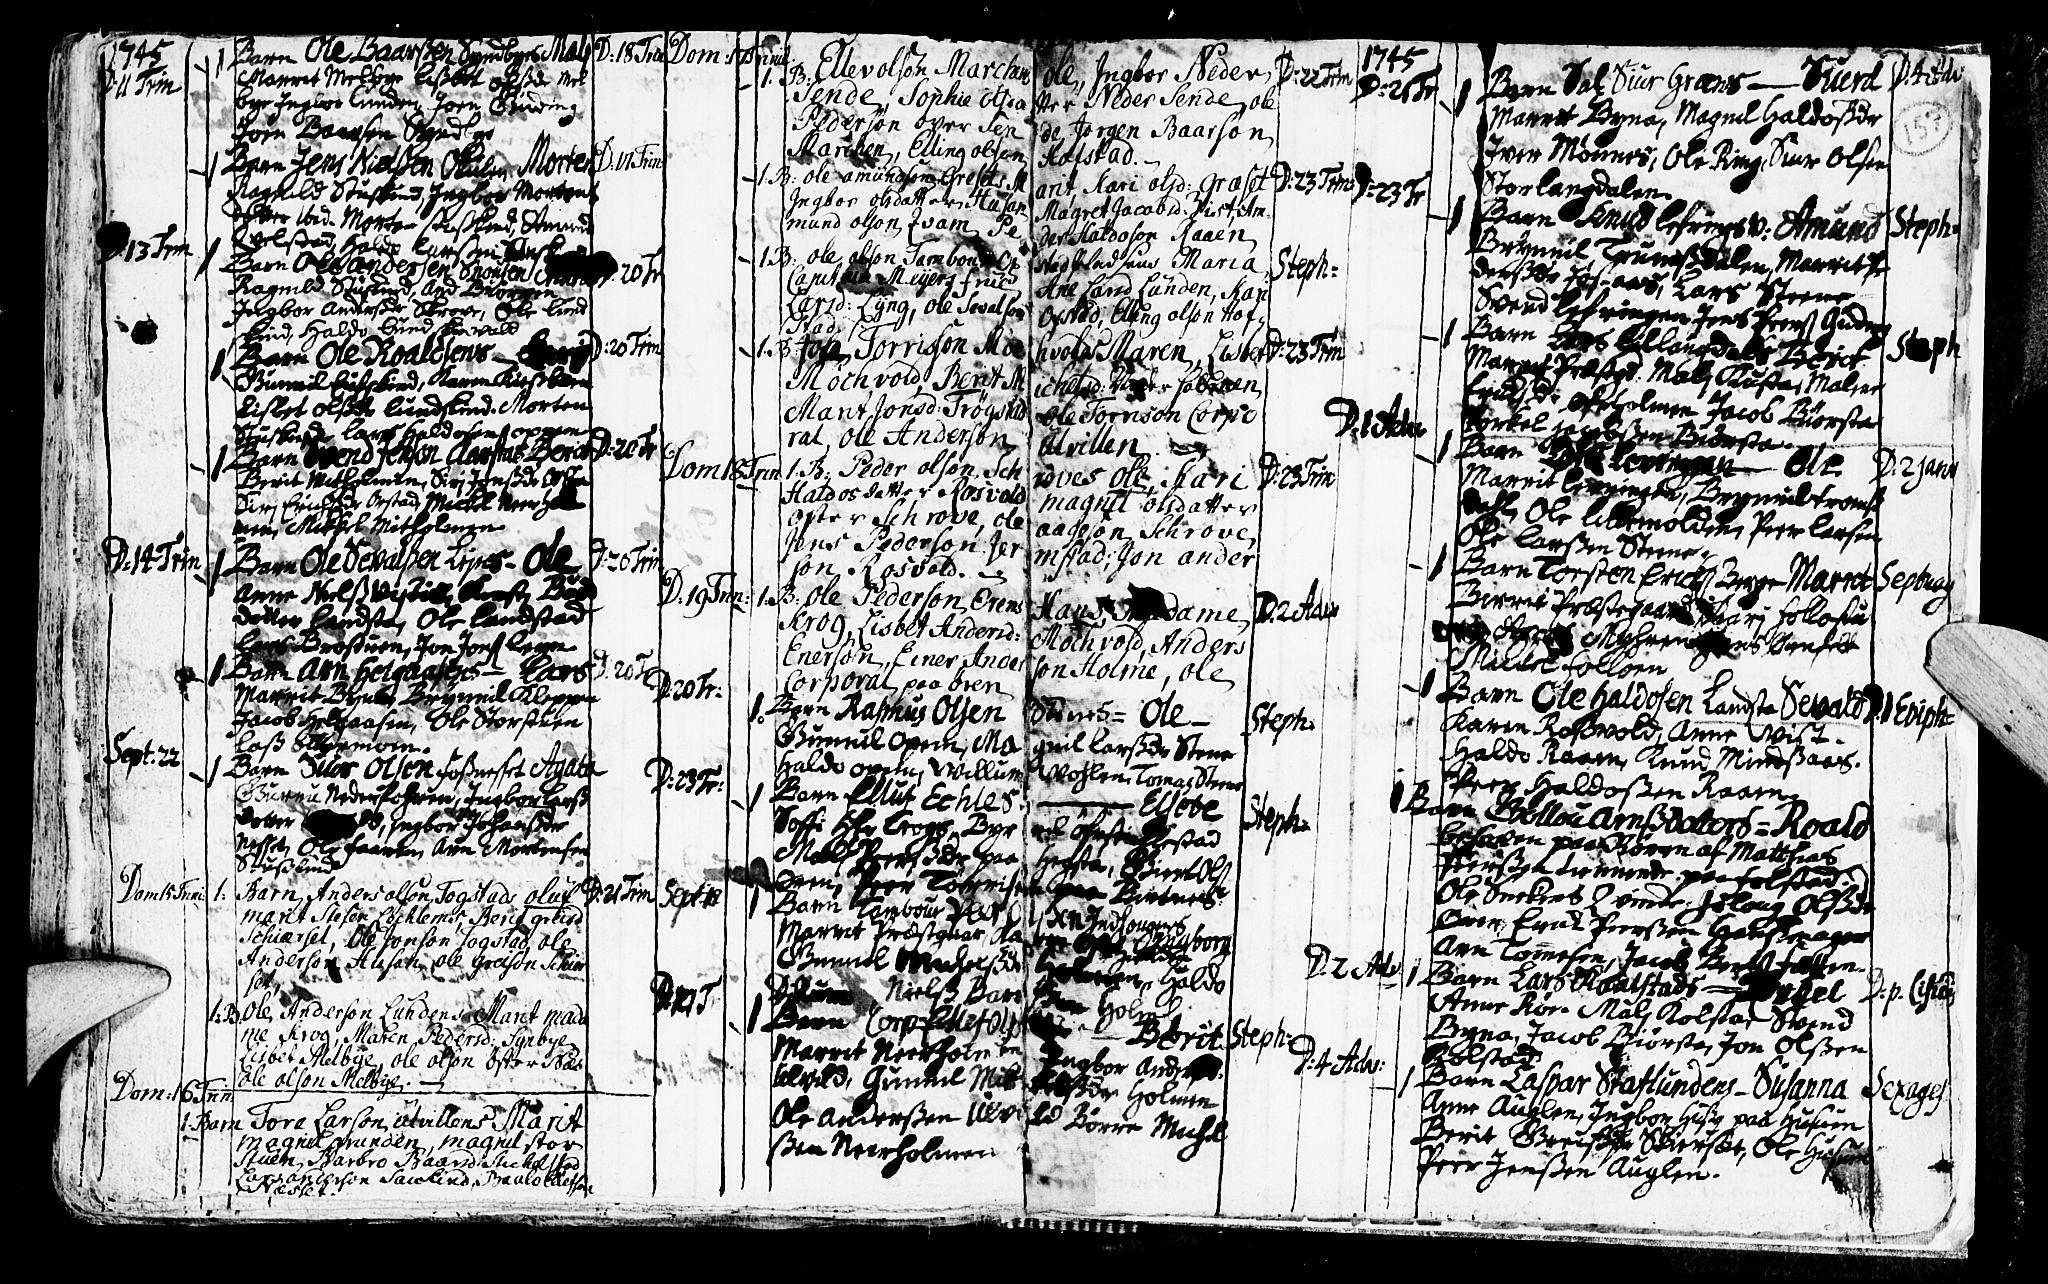 SAT, Ministerialprotokoller, klokkerbøker og fødselsregistre - Nord-Trøndelag, 723/L0230: Ministerialbok nr. 723A01, 1705-1747, s. 157